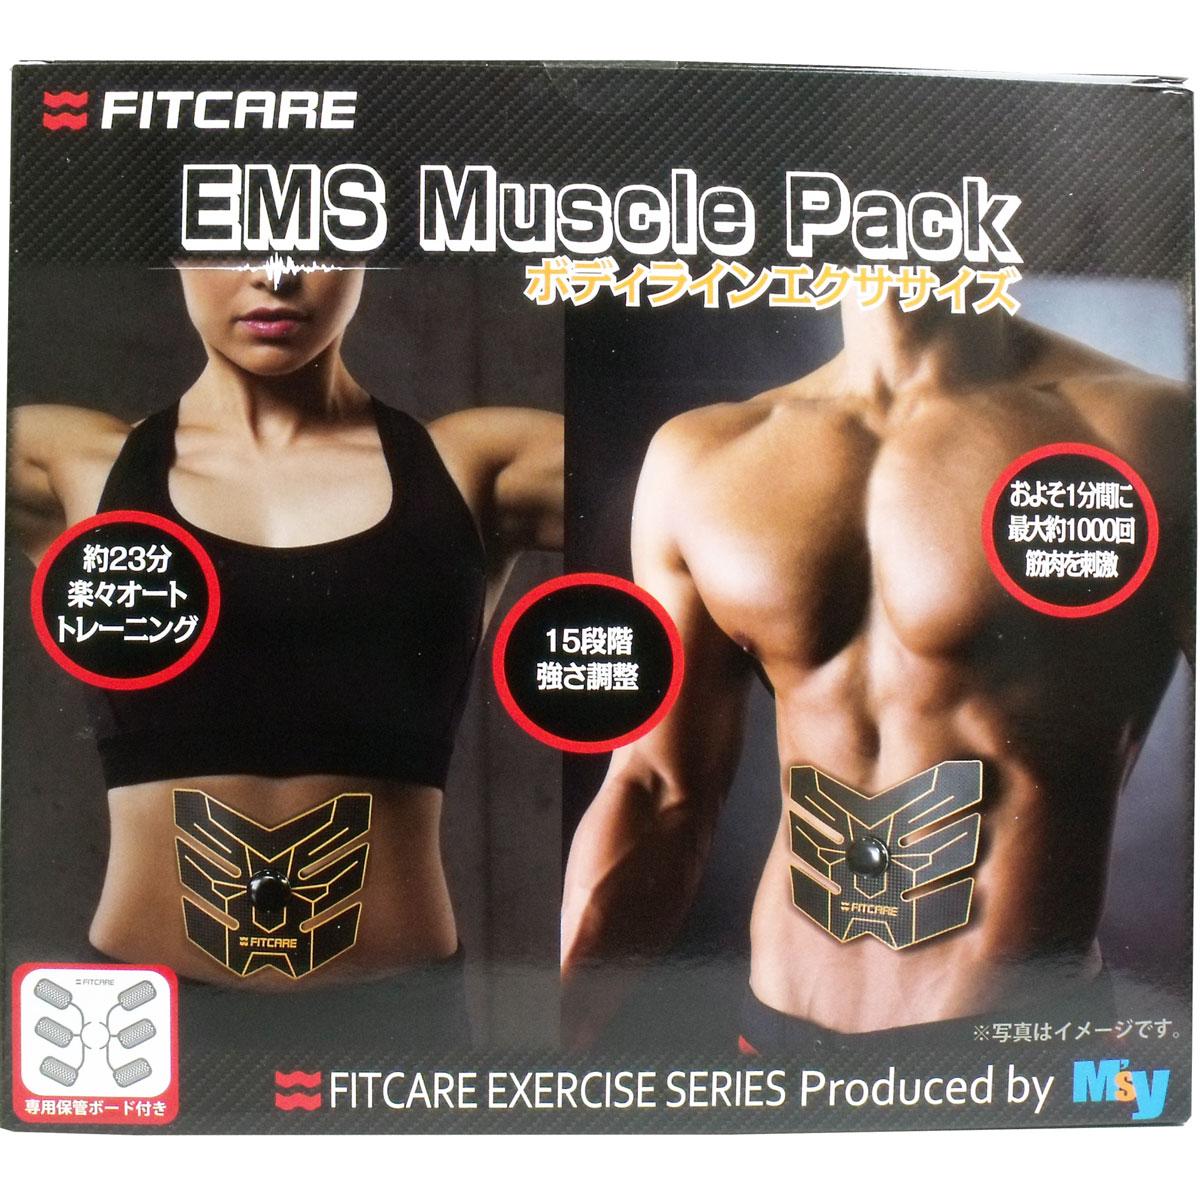 EMS マッスルパック ボディラインエクササイズ/EMS オートトレーニングプログラム 健康維持 ボディメイク 筋肉 マッスル フィットネス